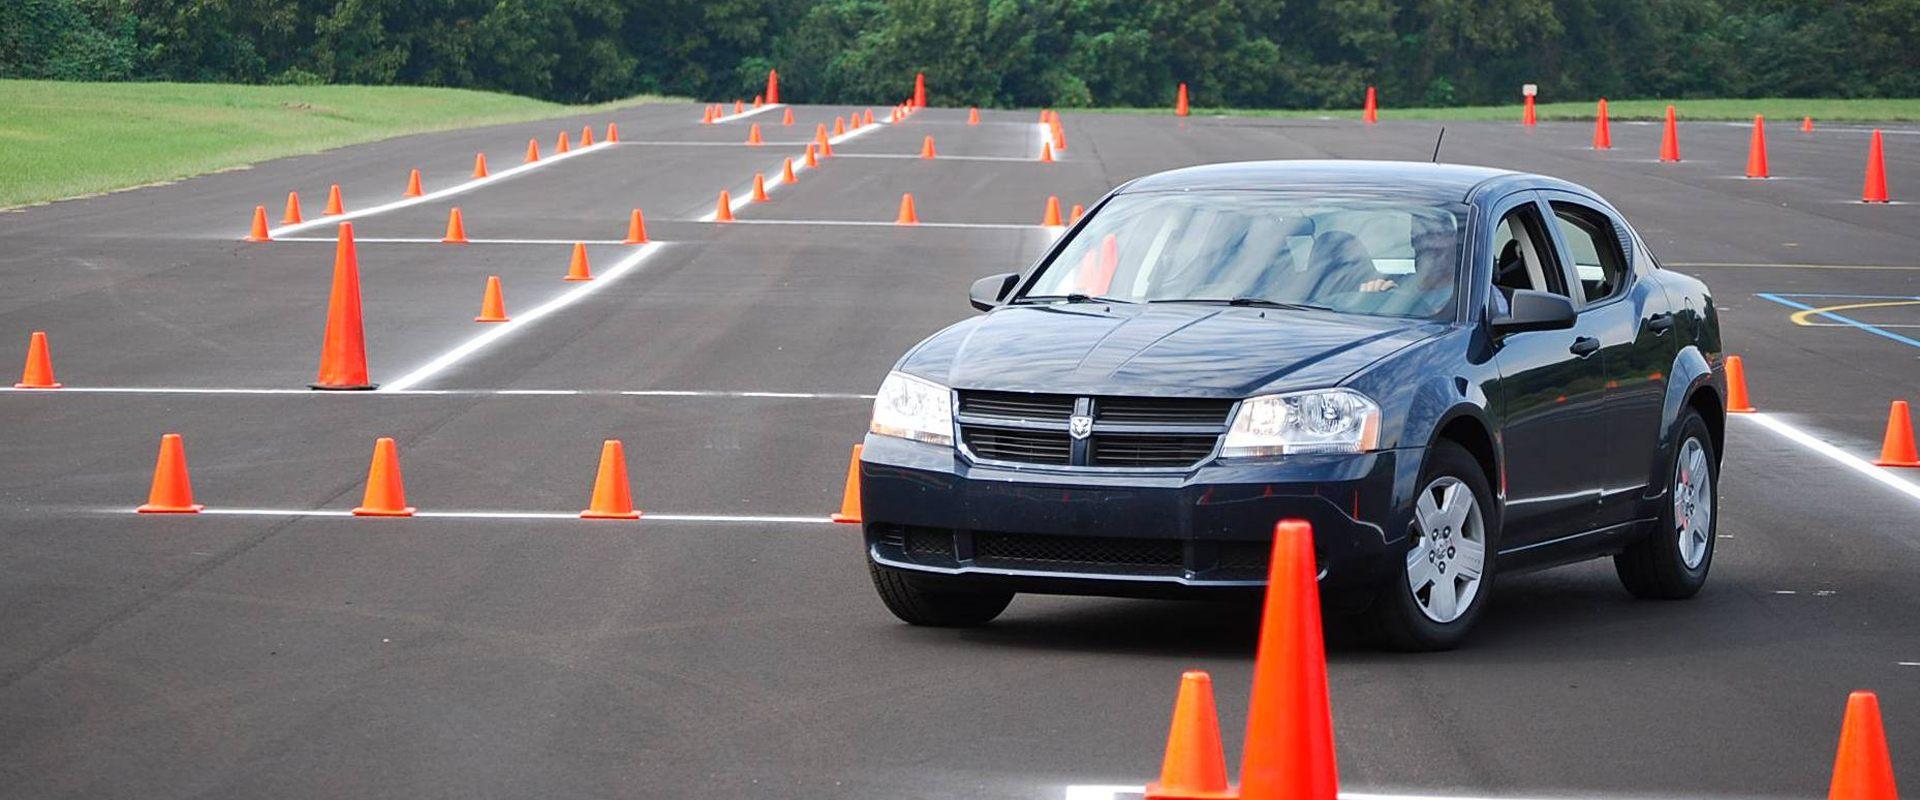 Шофьорски курсове